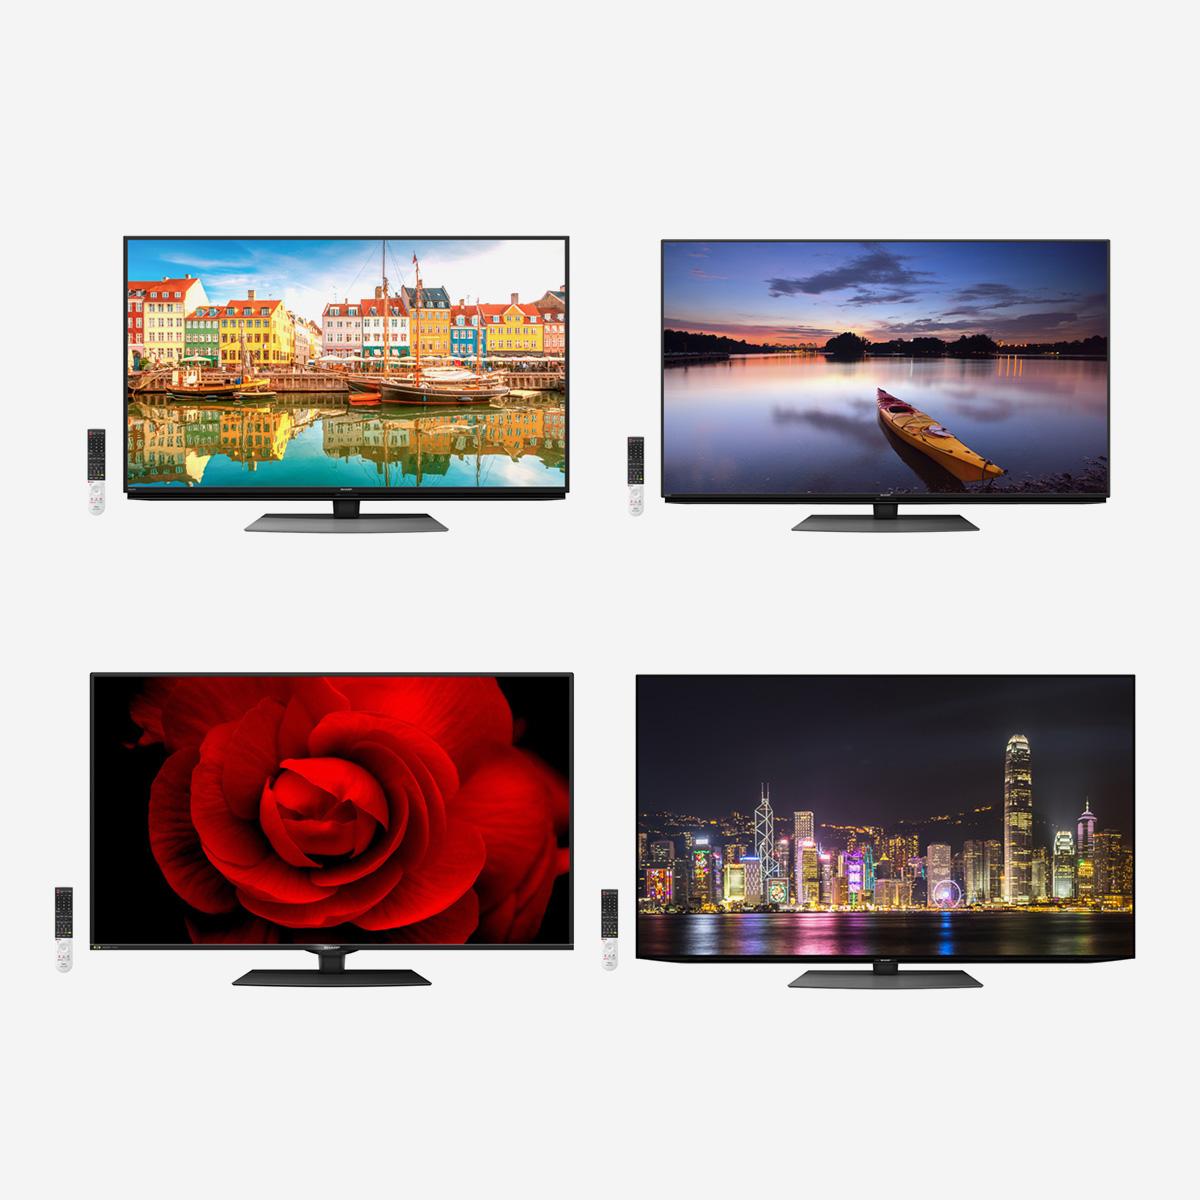 AQUOS 8K/4K液晶、4K有機ELすべてが揃うシャープのテレビでおうち時間をグレードアップ[PR]